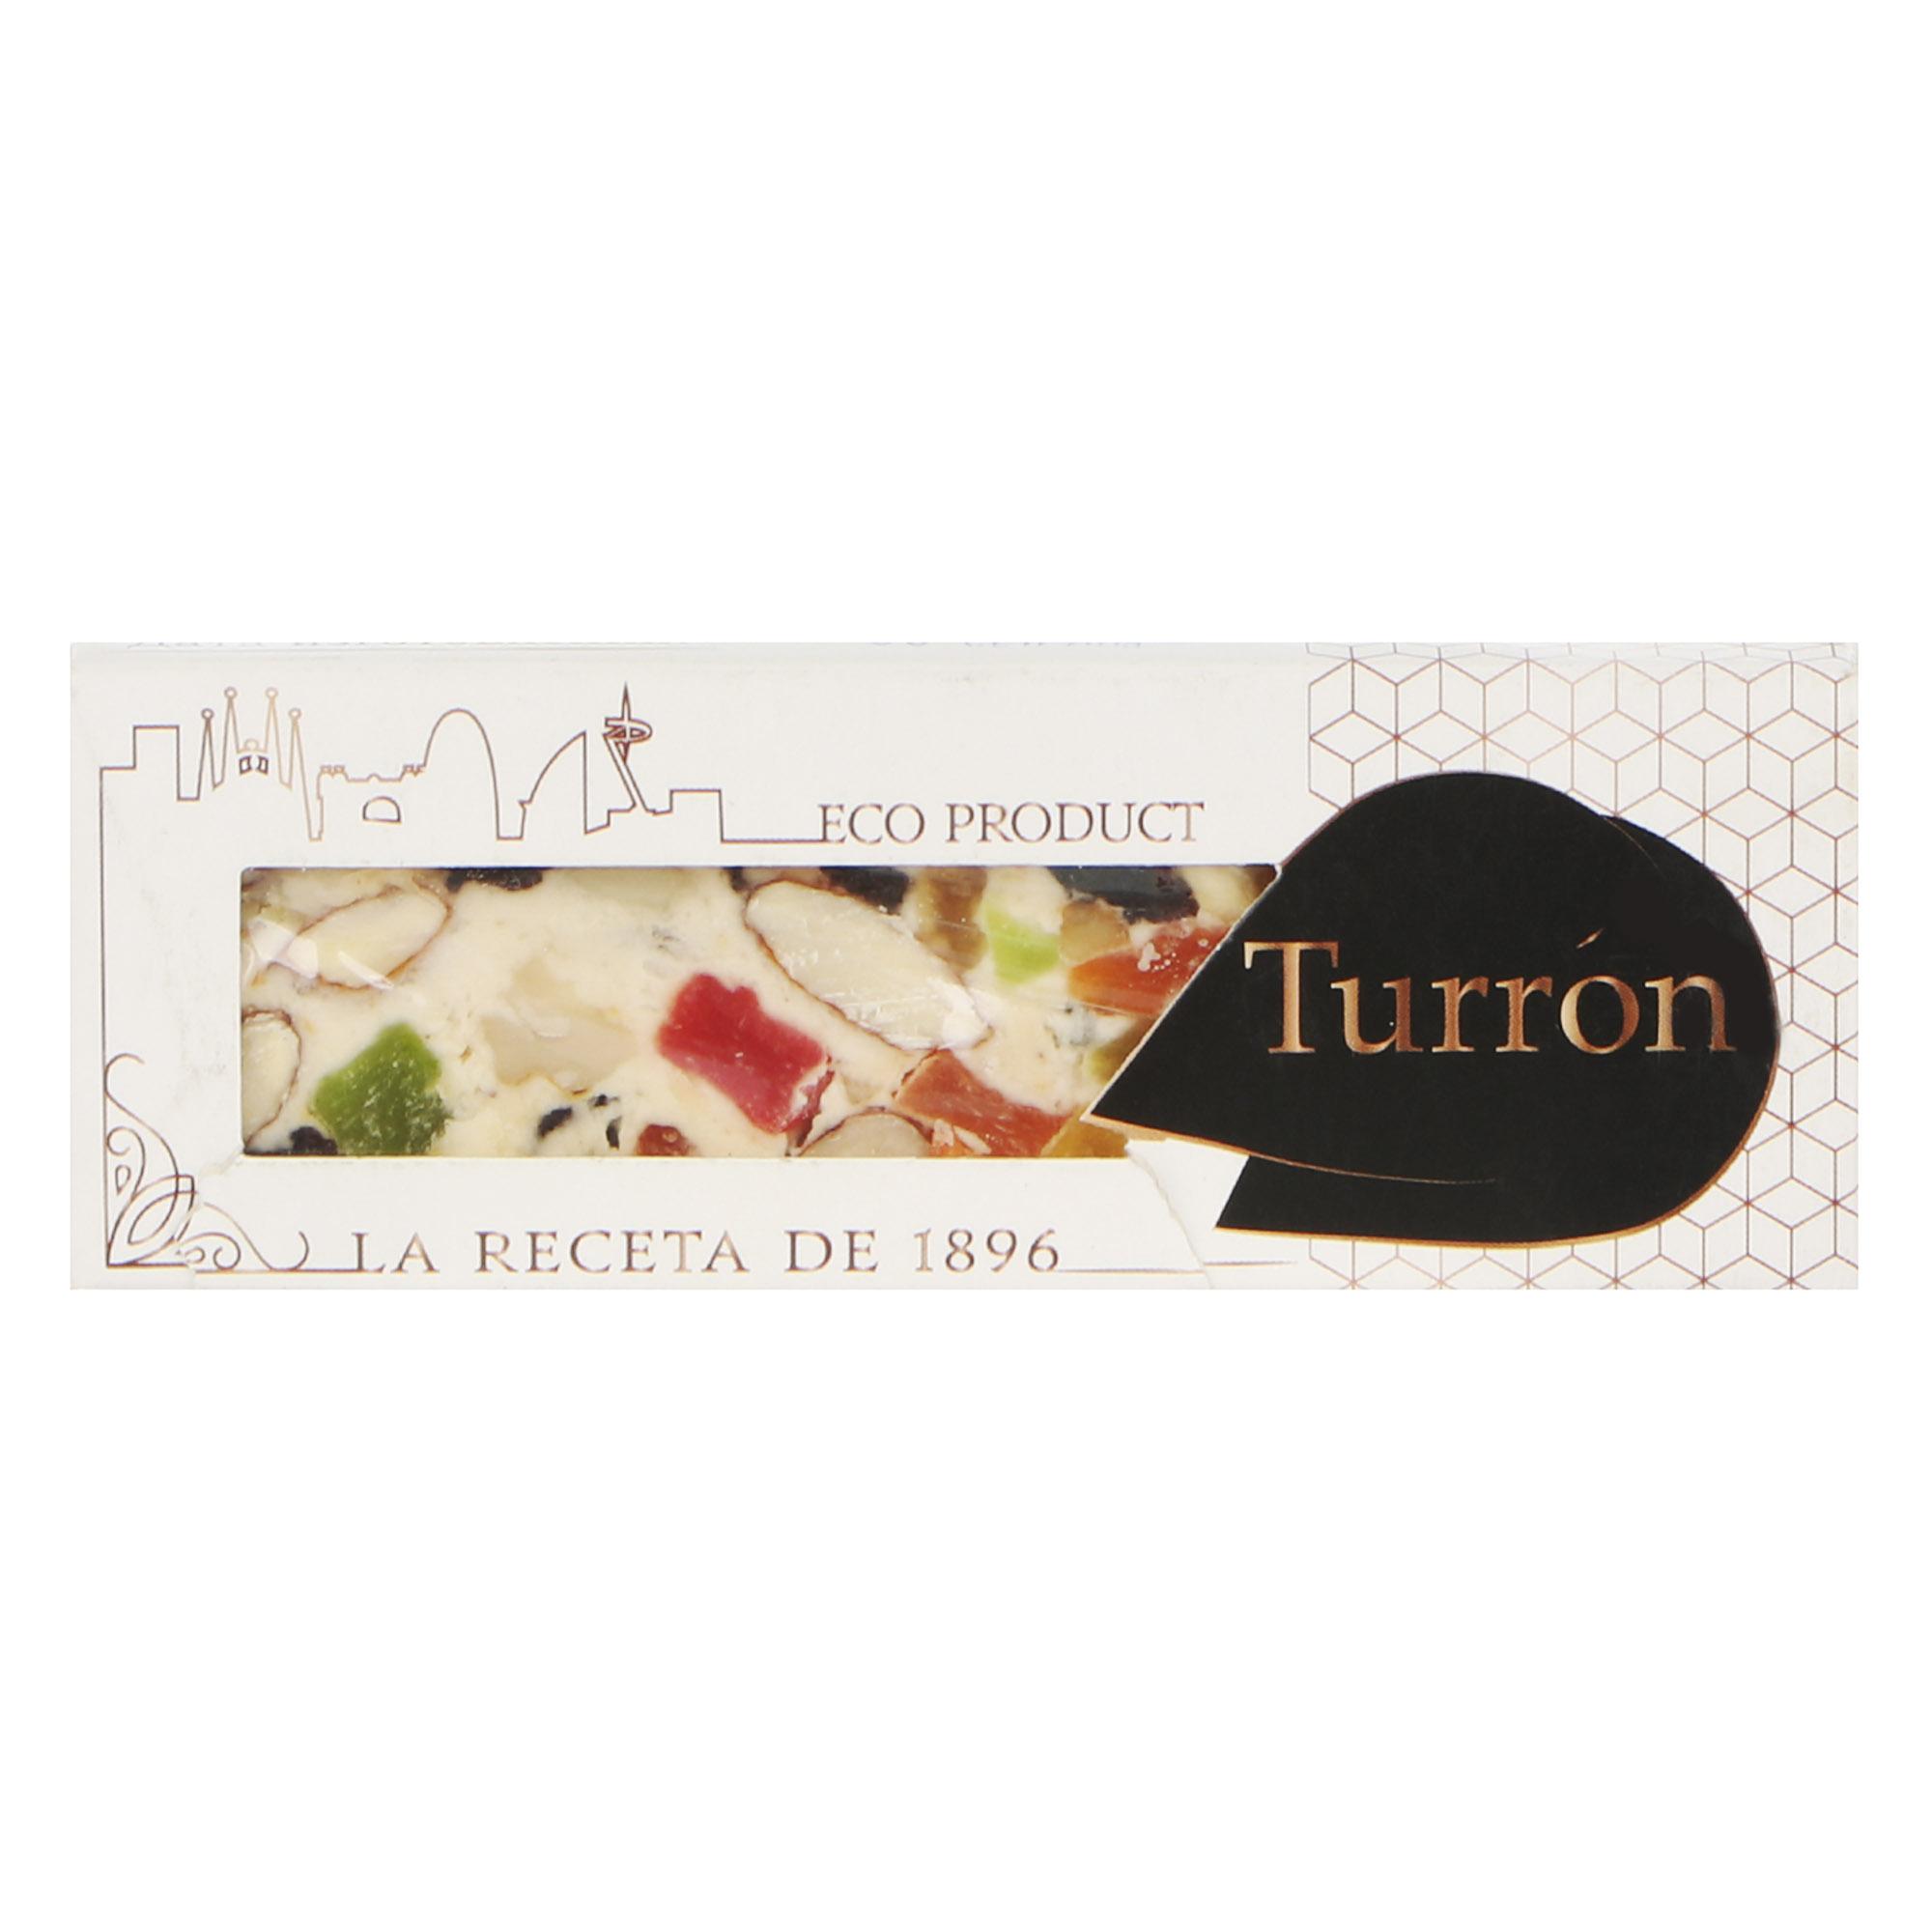 Фото - Туррон Turron de Montserrat с орехами и сухофруктами 50 г шоколадный баточник nuts с орехами 50 г